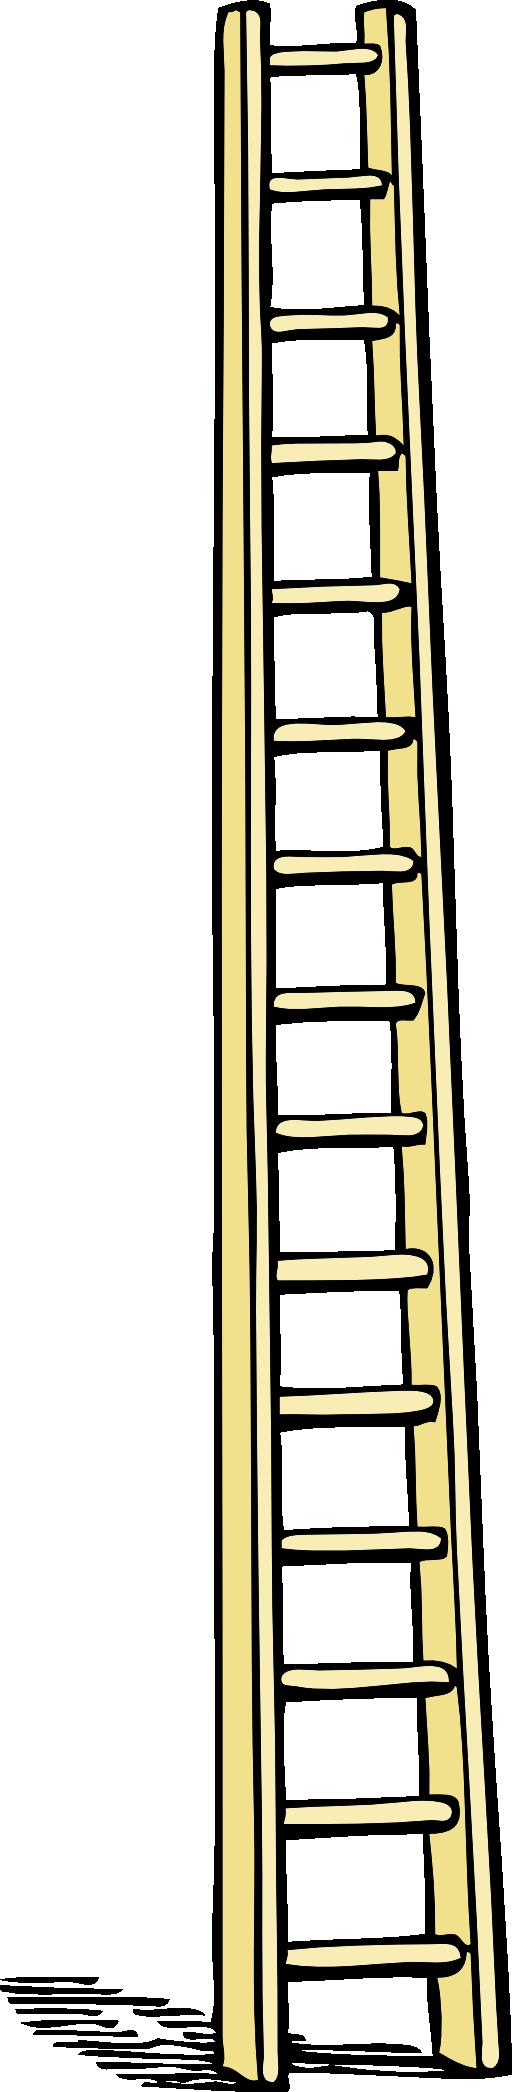 download ladder vector jpeg #98724566